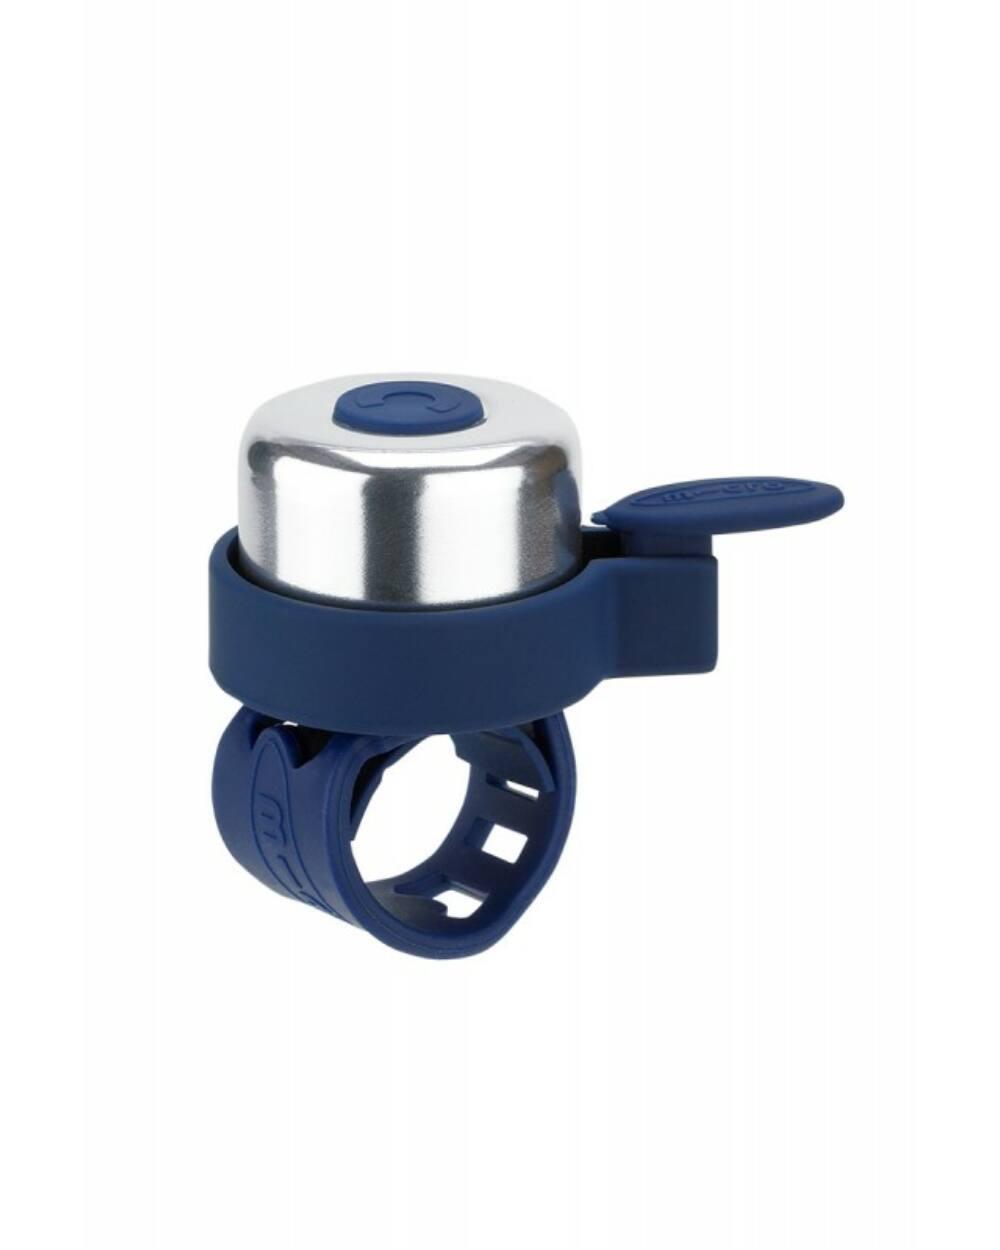 Micro roller csengő, sötétkék